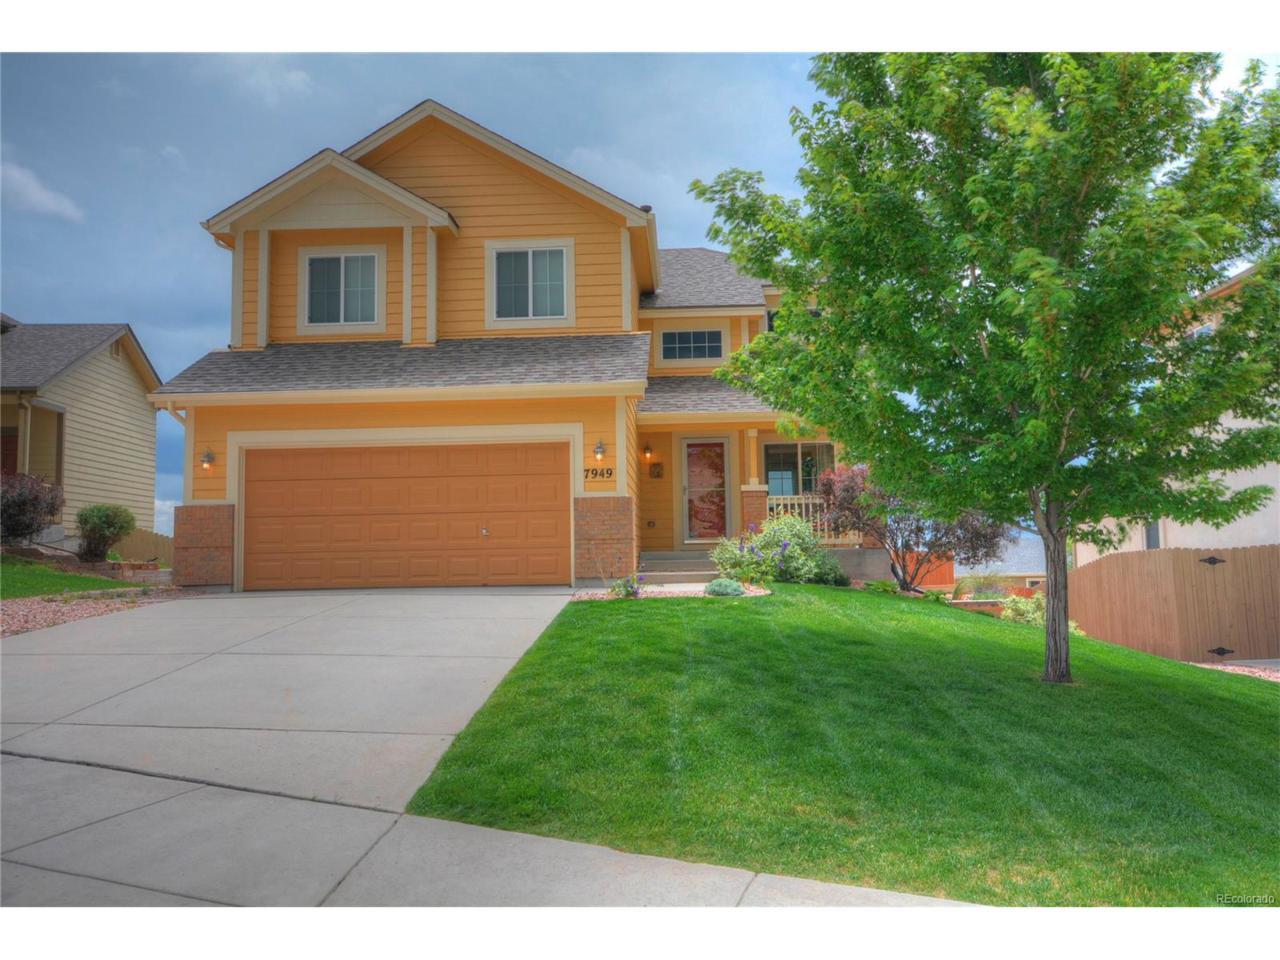 7949 Kettle Drum Street, Colorado Springs, CO 80922 (MLS #5141514) :: 8z Real Estate